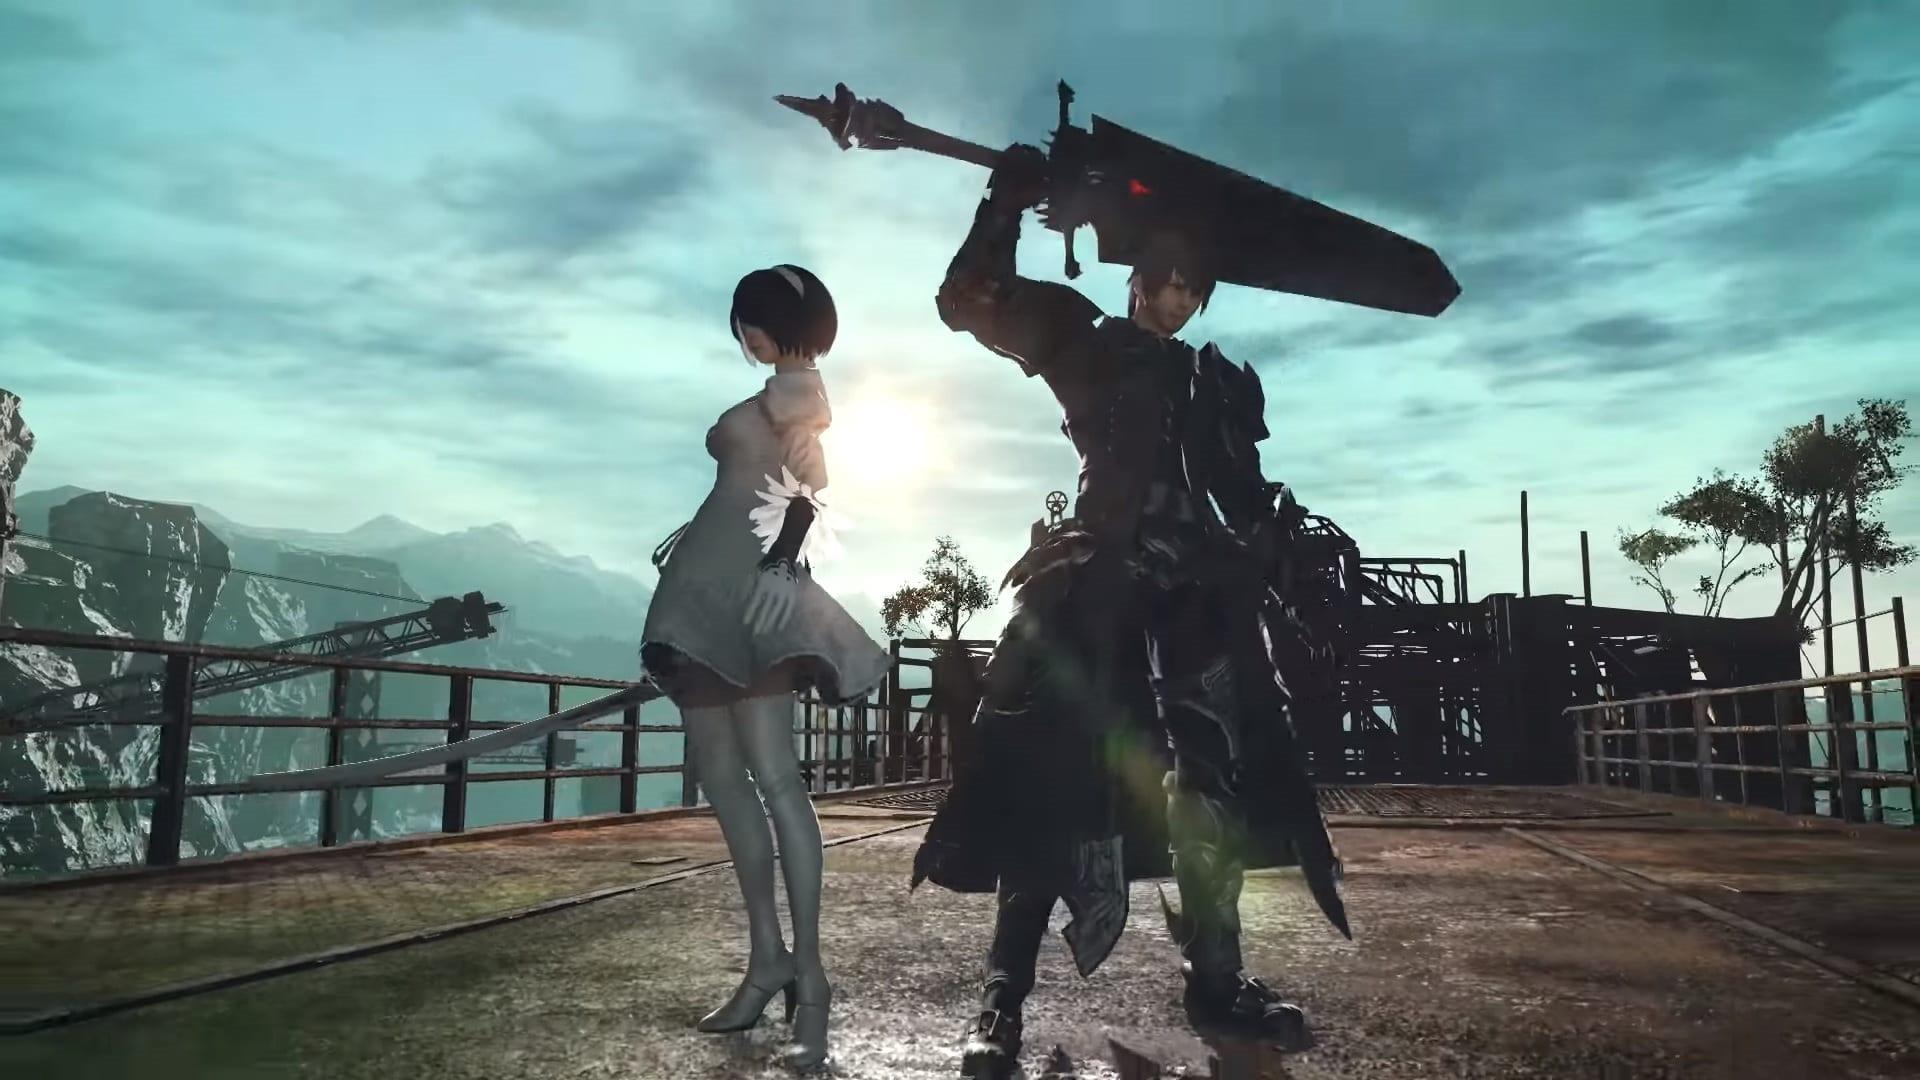 Final Fantasy XIV Producer Naoki Yoshida Expects an Extra Busy 2020